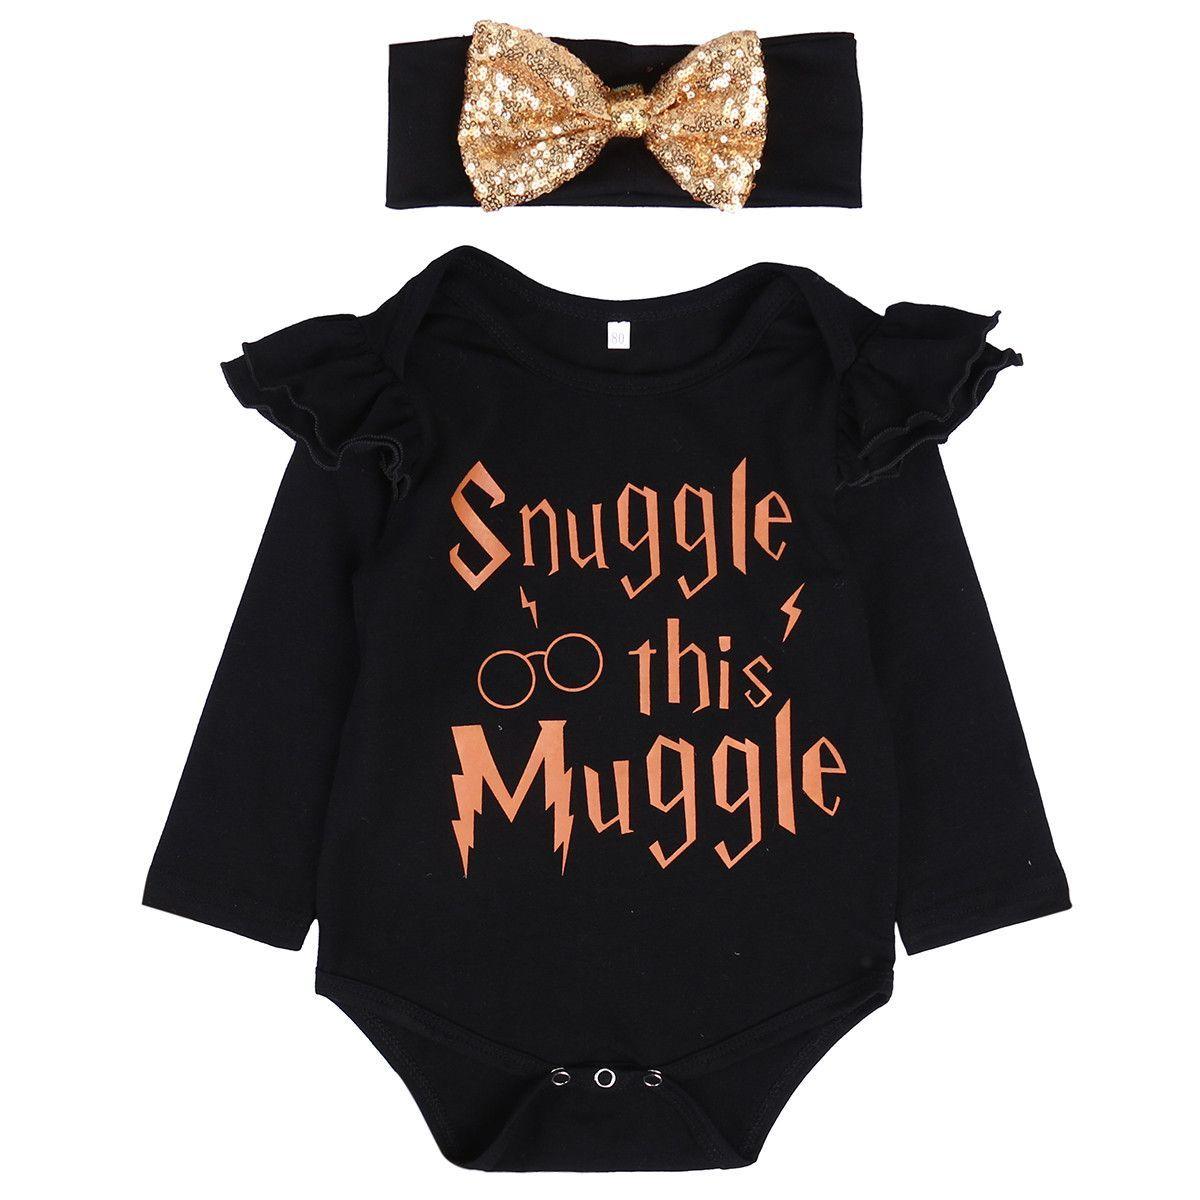 a53a0e03e630 Snuggle this Muggle Romper